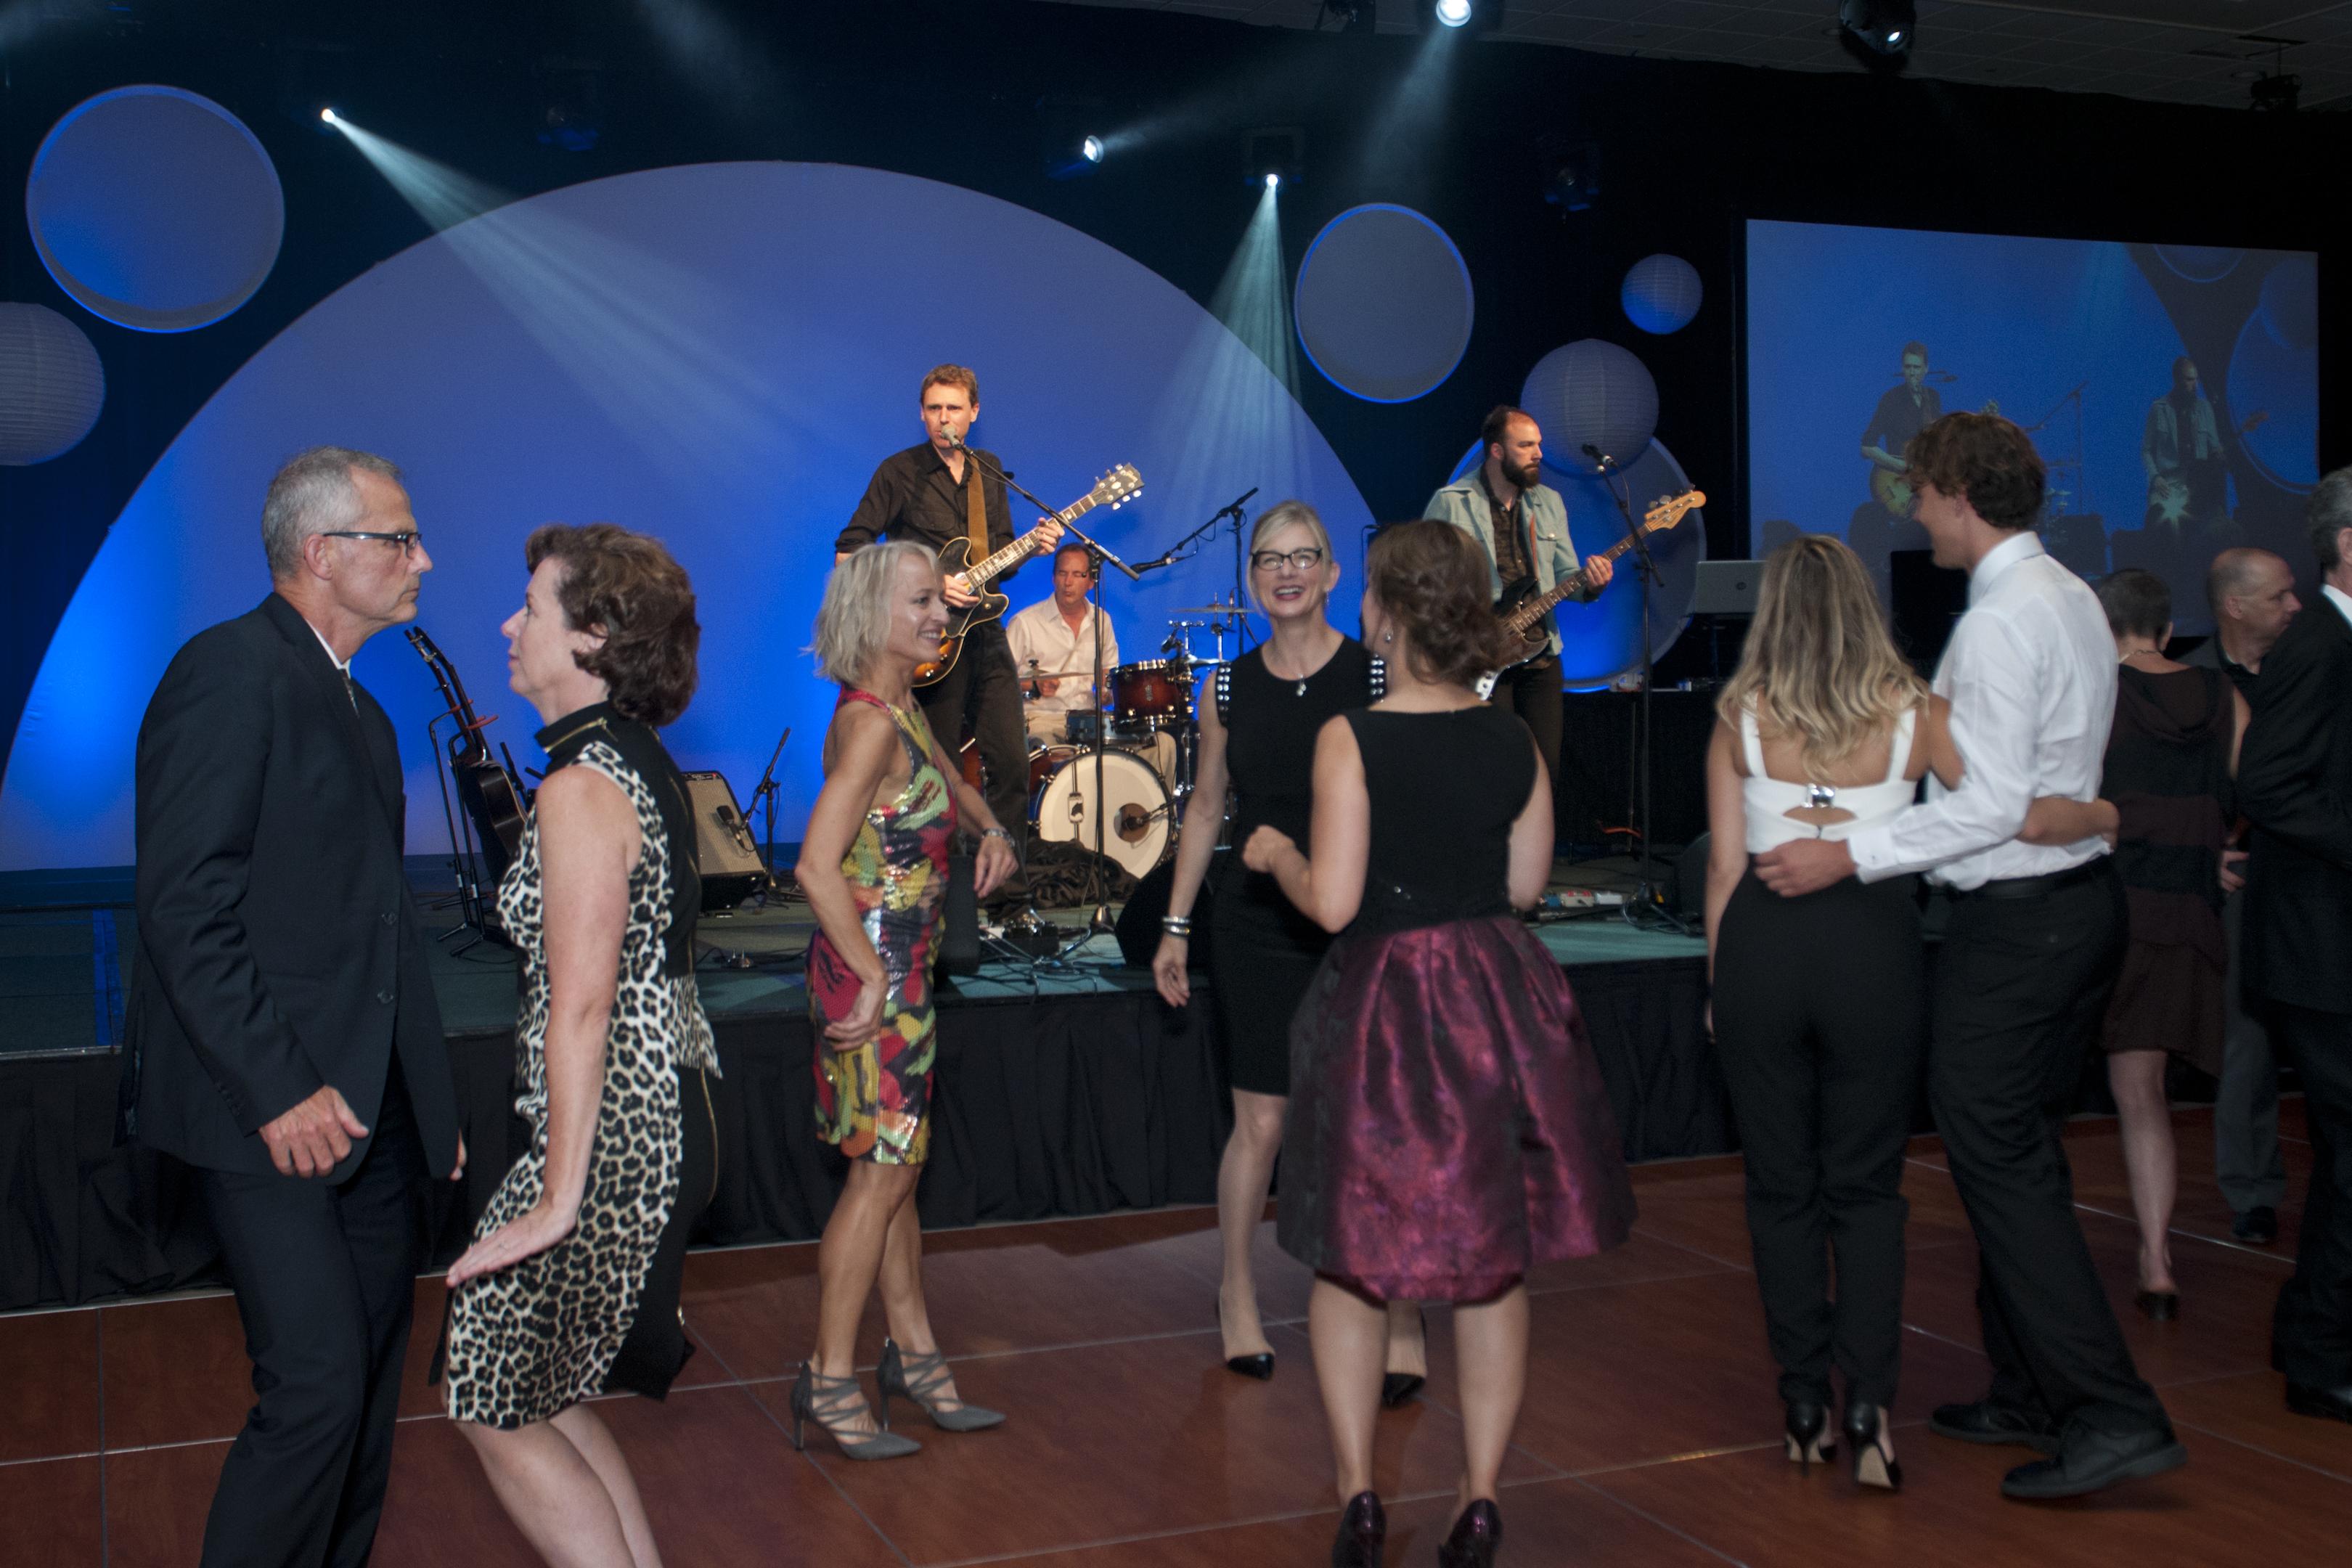 Des hommes et des femmes en tenue de soirée dansent au son de la musique d'un orchestre.